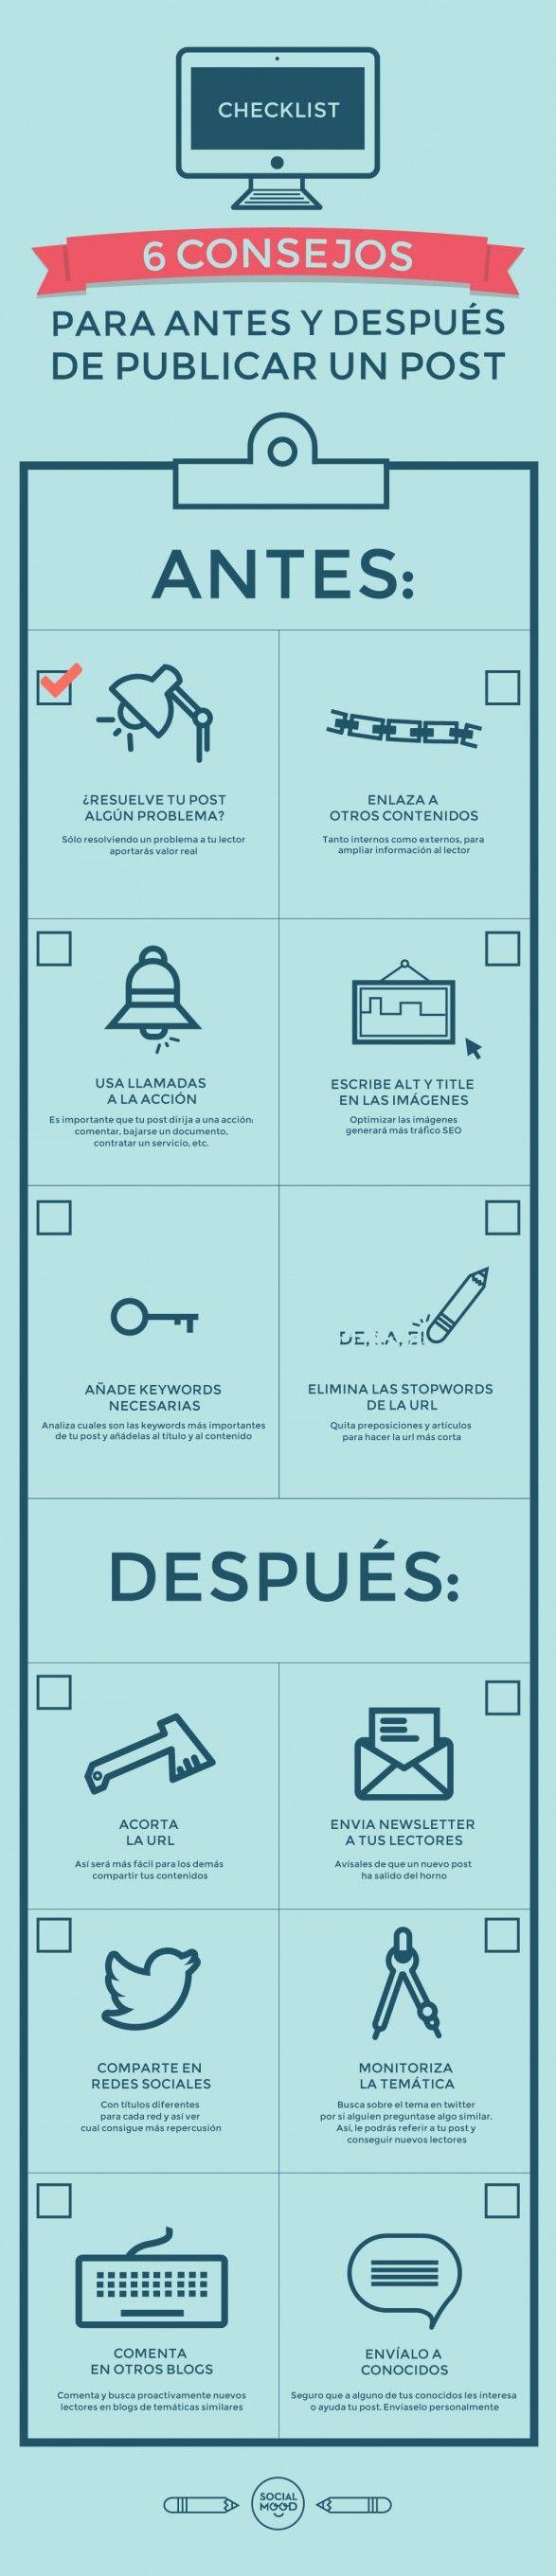 #Infografía interesante sobre qué hacer antes y después de publicar un post